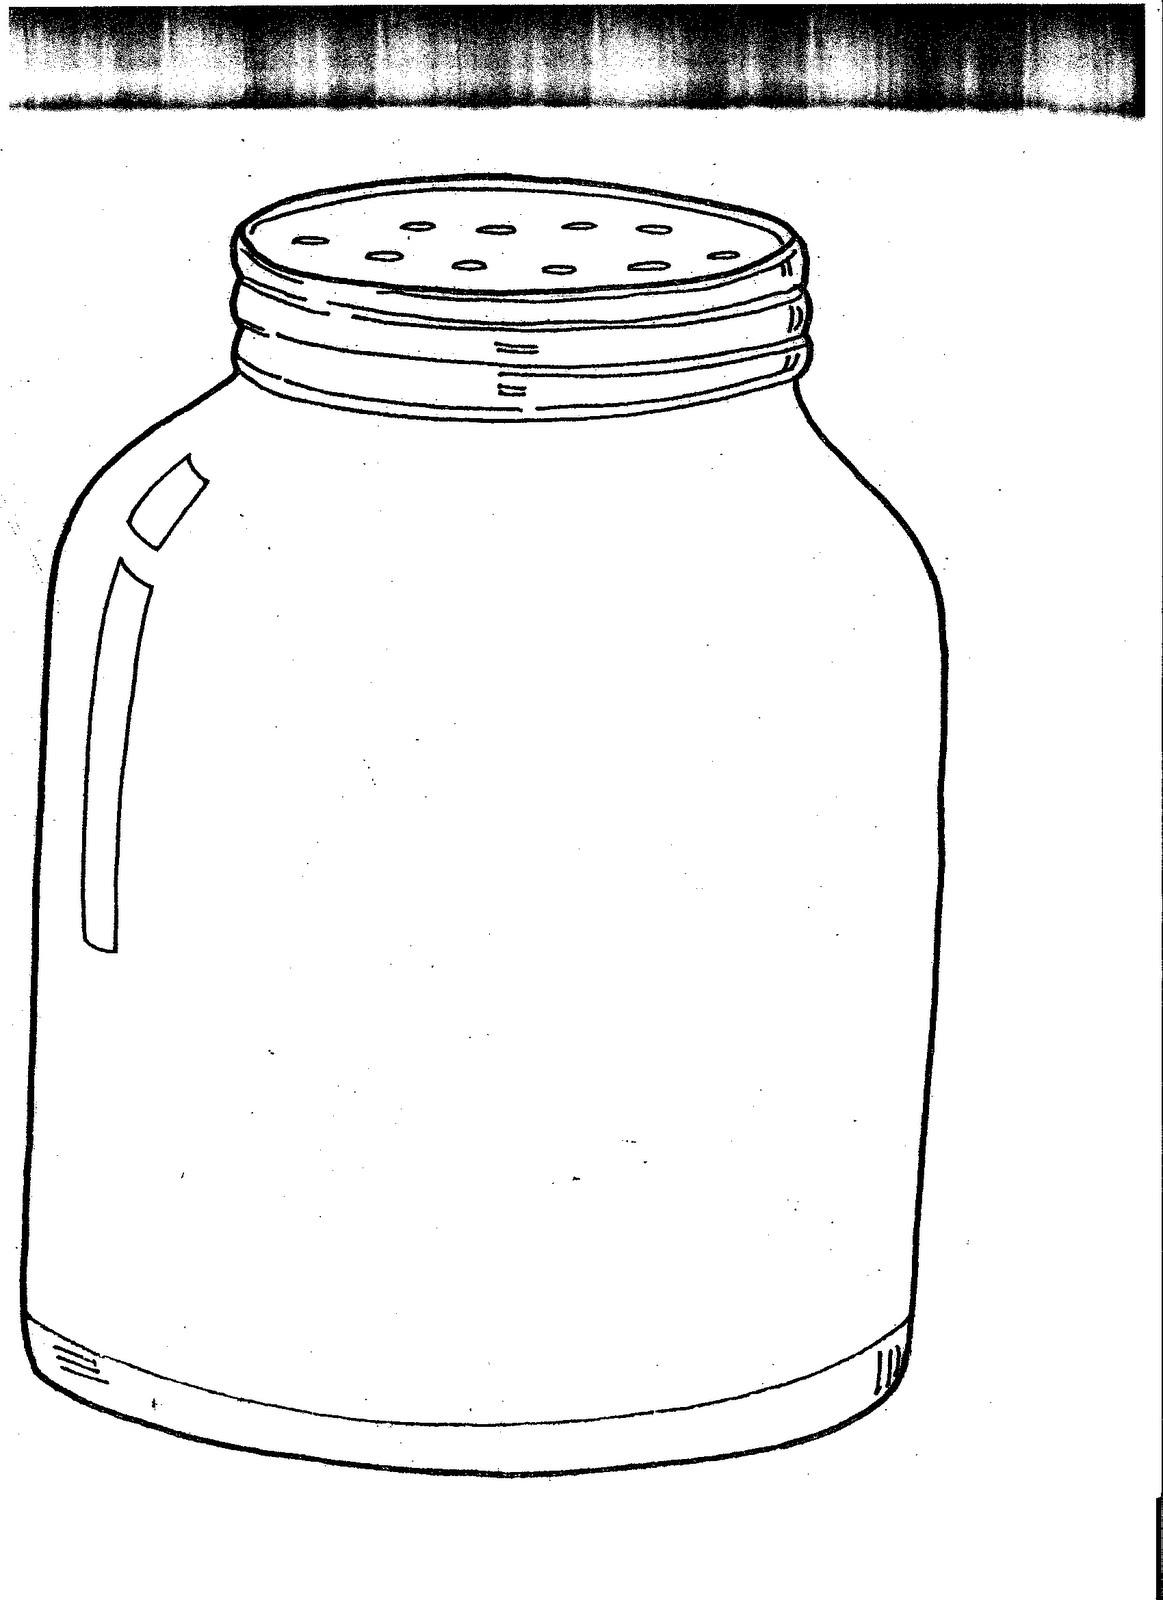 Jar coloring #4, Download drawings